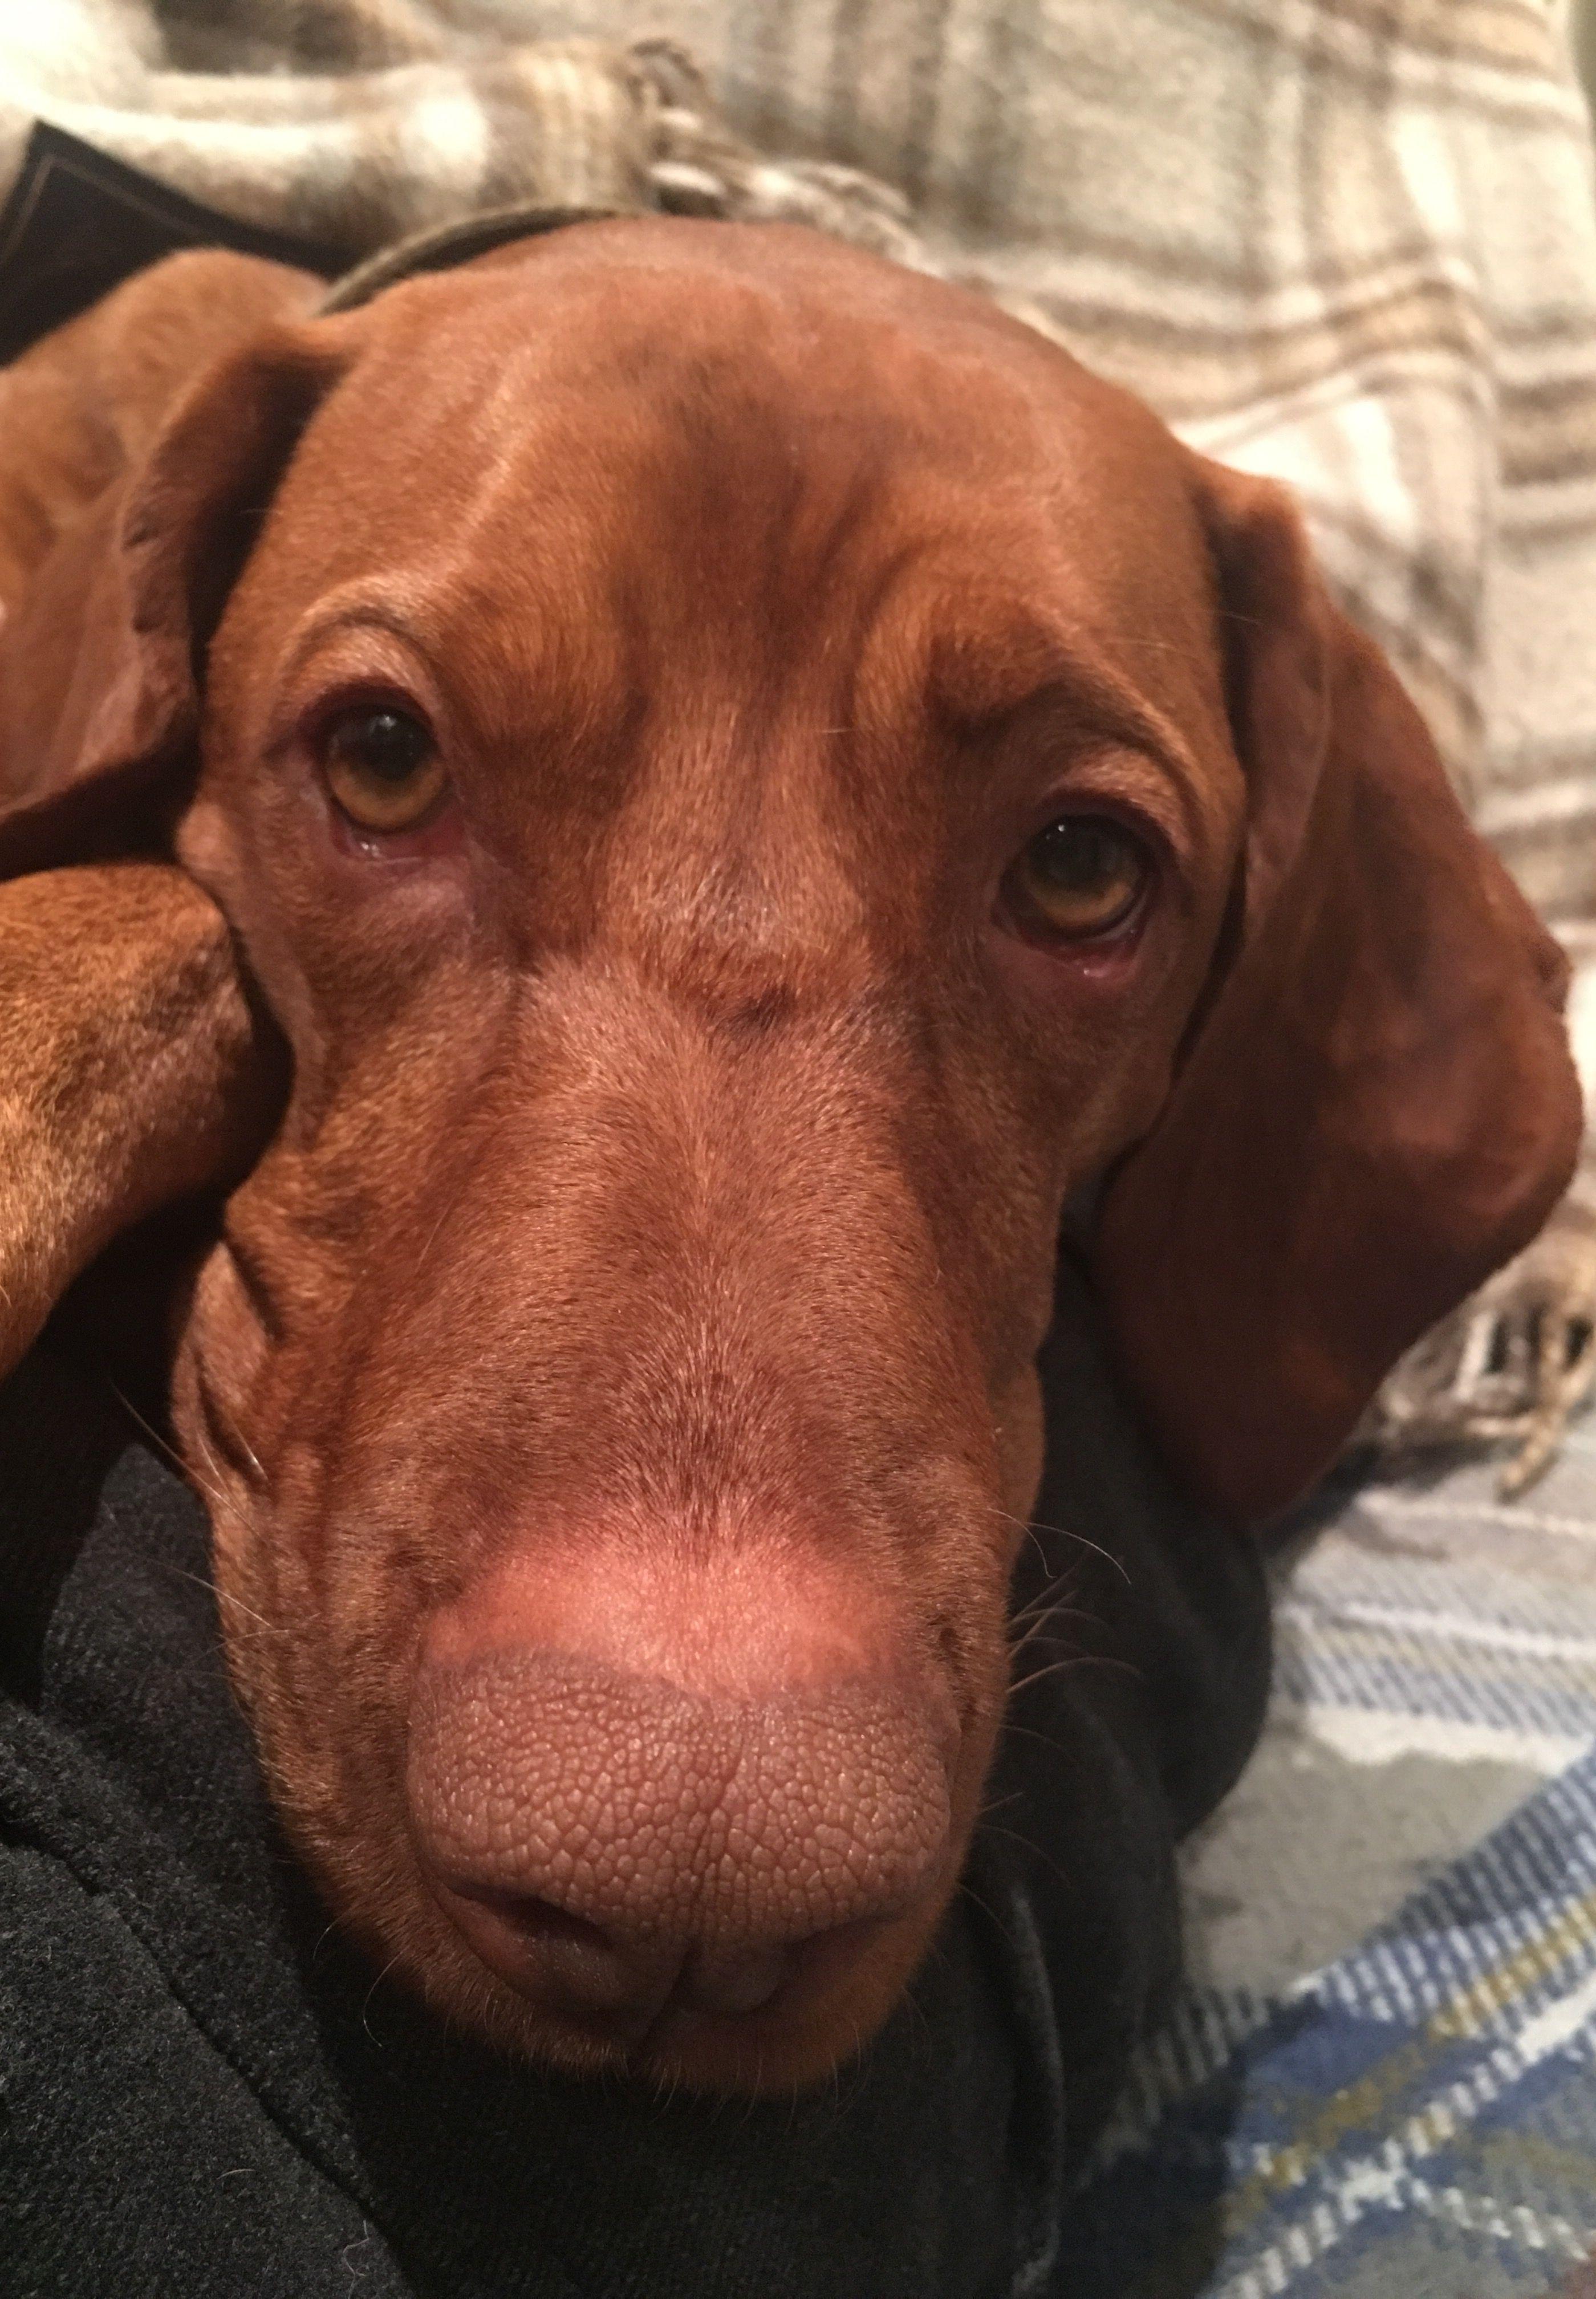 Pin By Susan Ronchetto On Vizsla And Friends Vizsla Vizsla Dogs